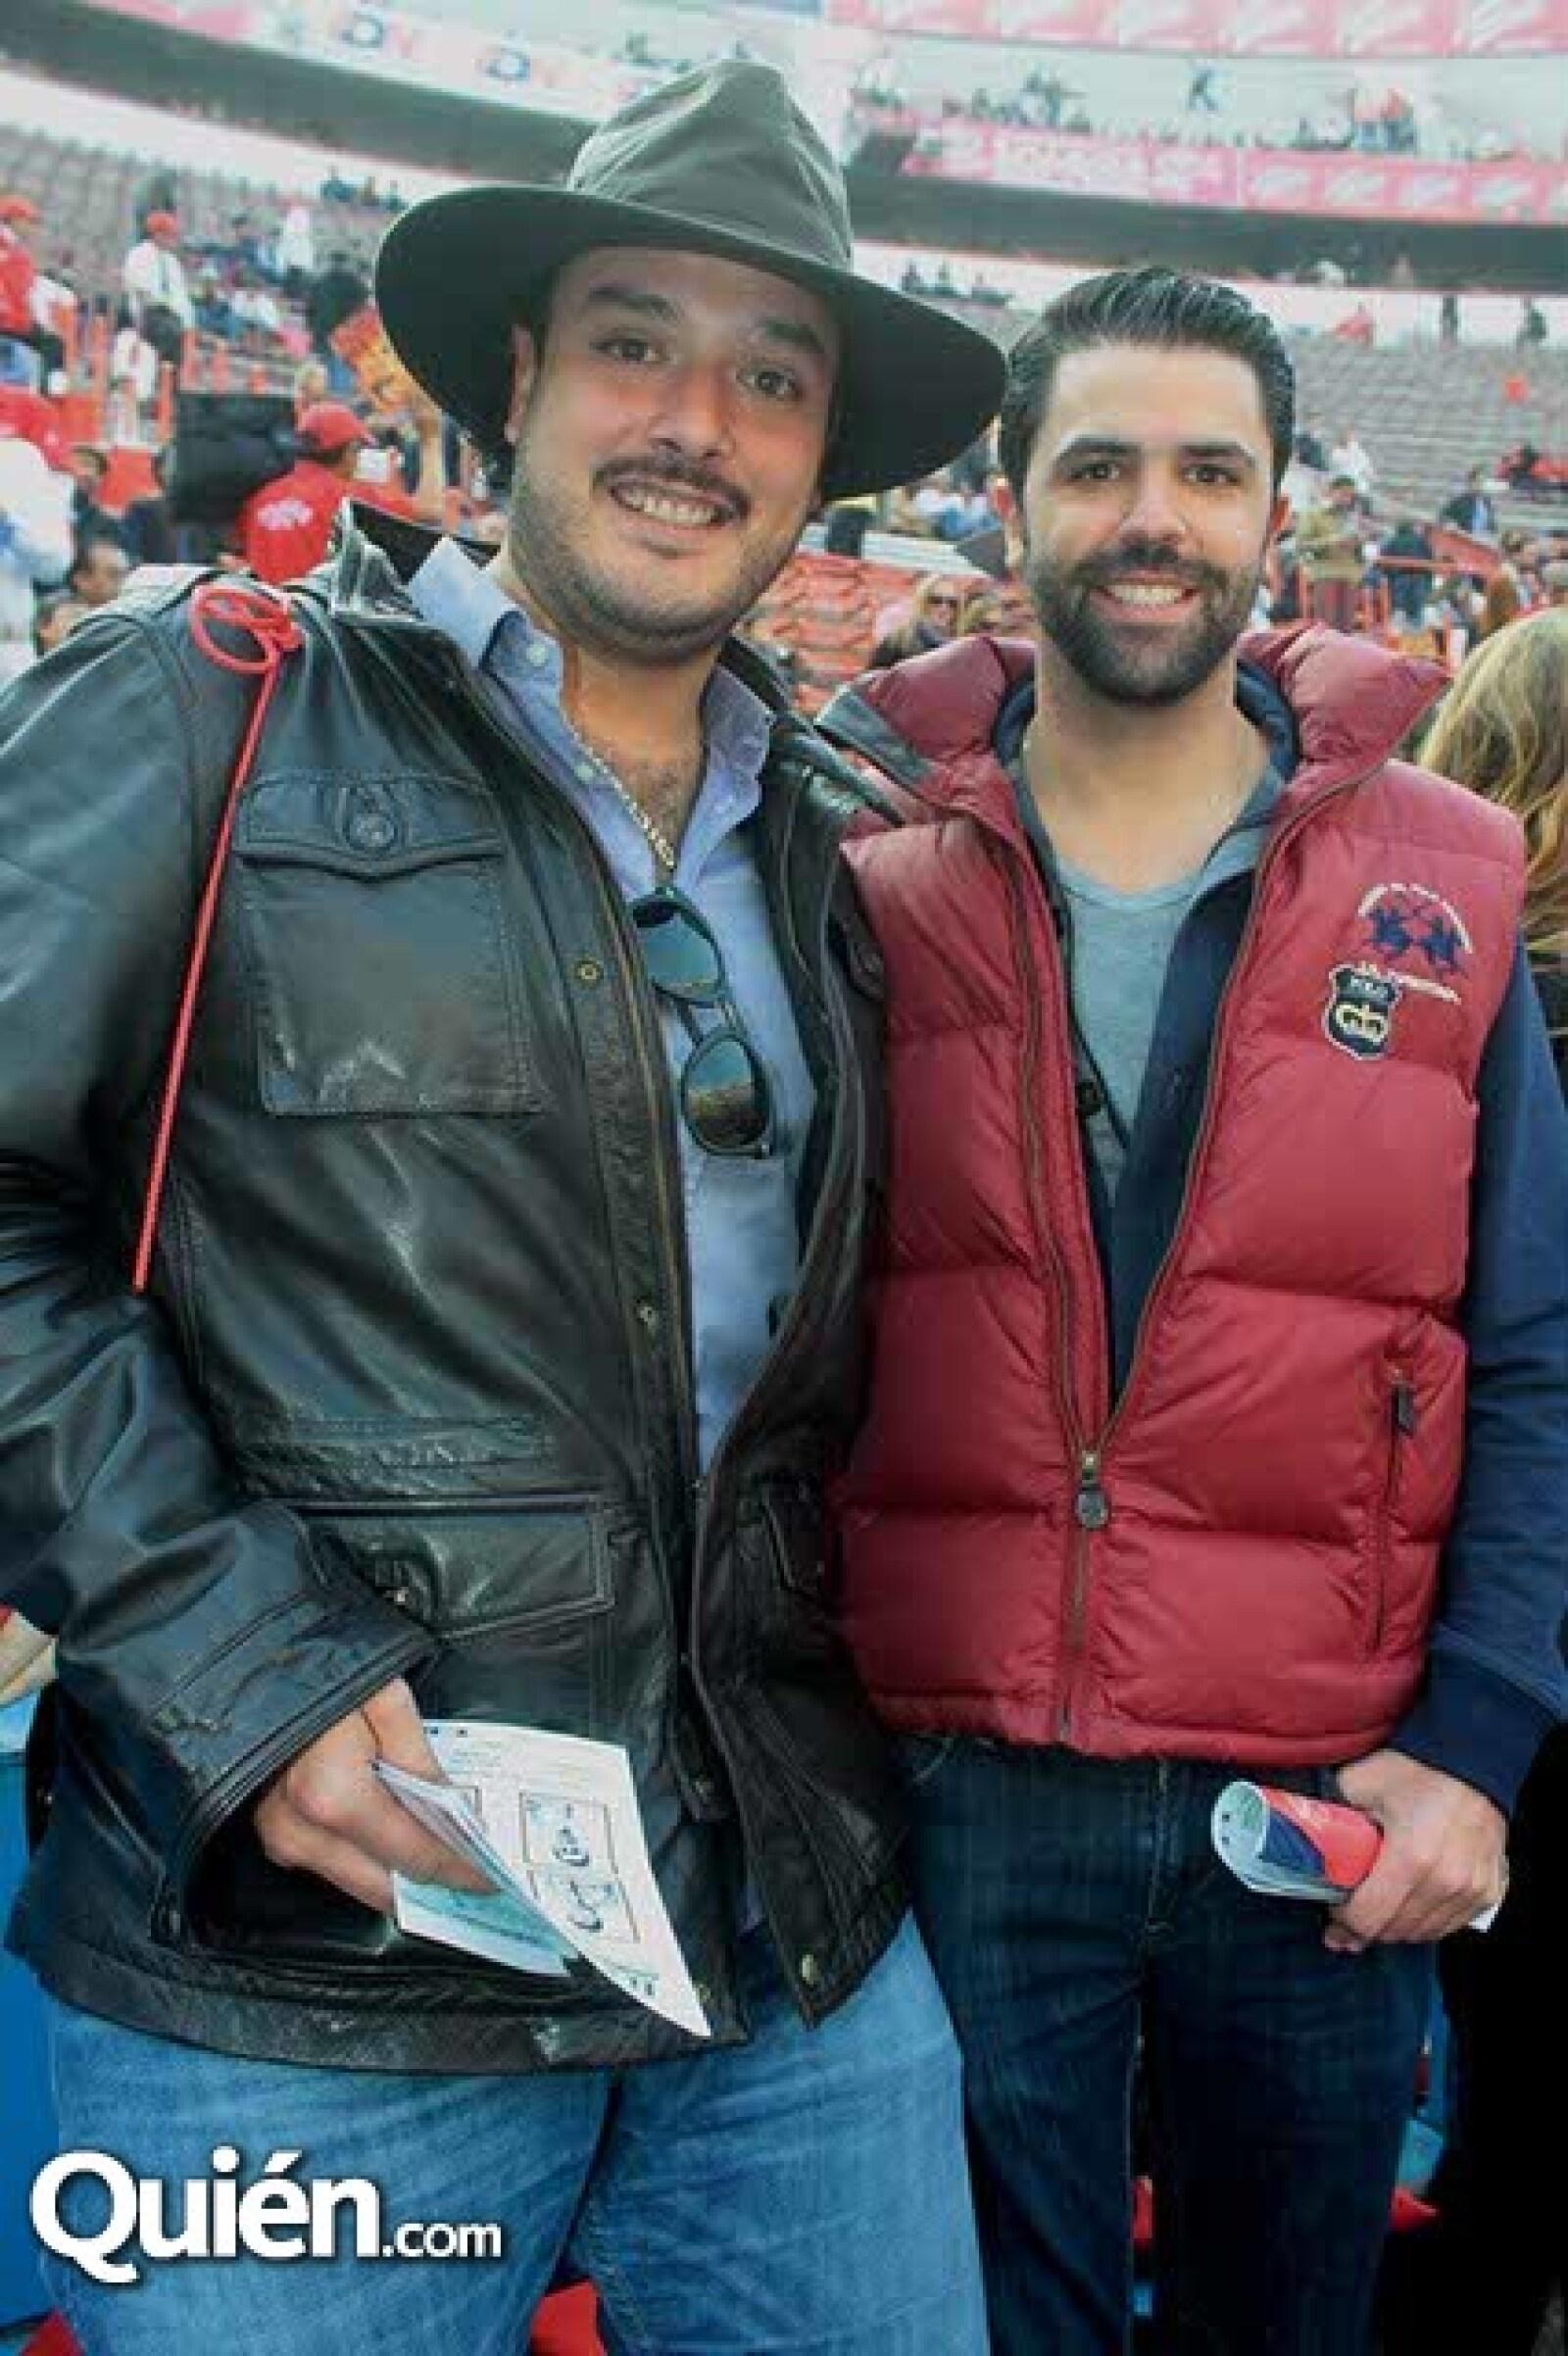 Francisco Valenzuela e Íñigo Campomanes